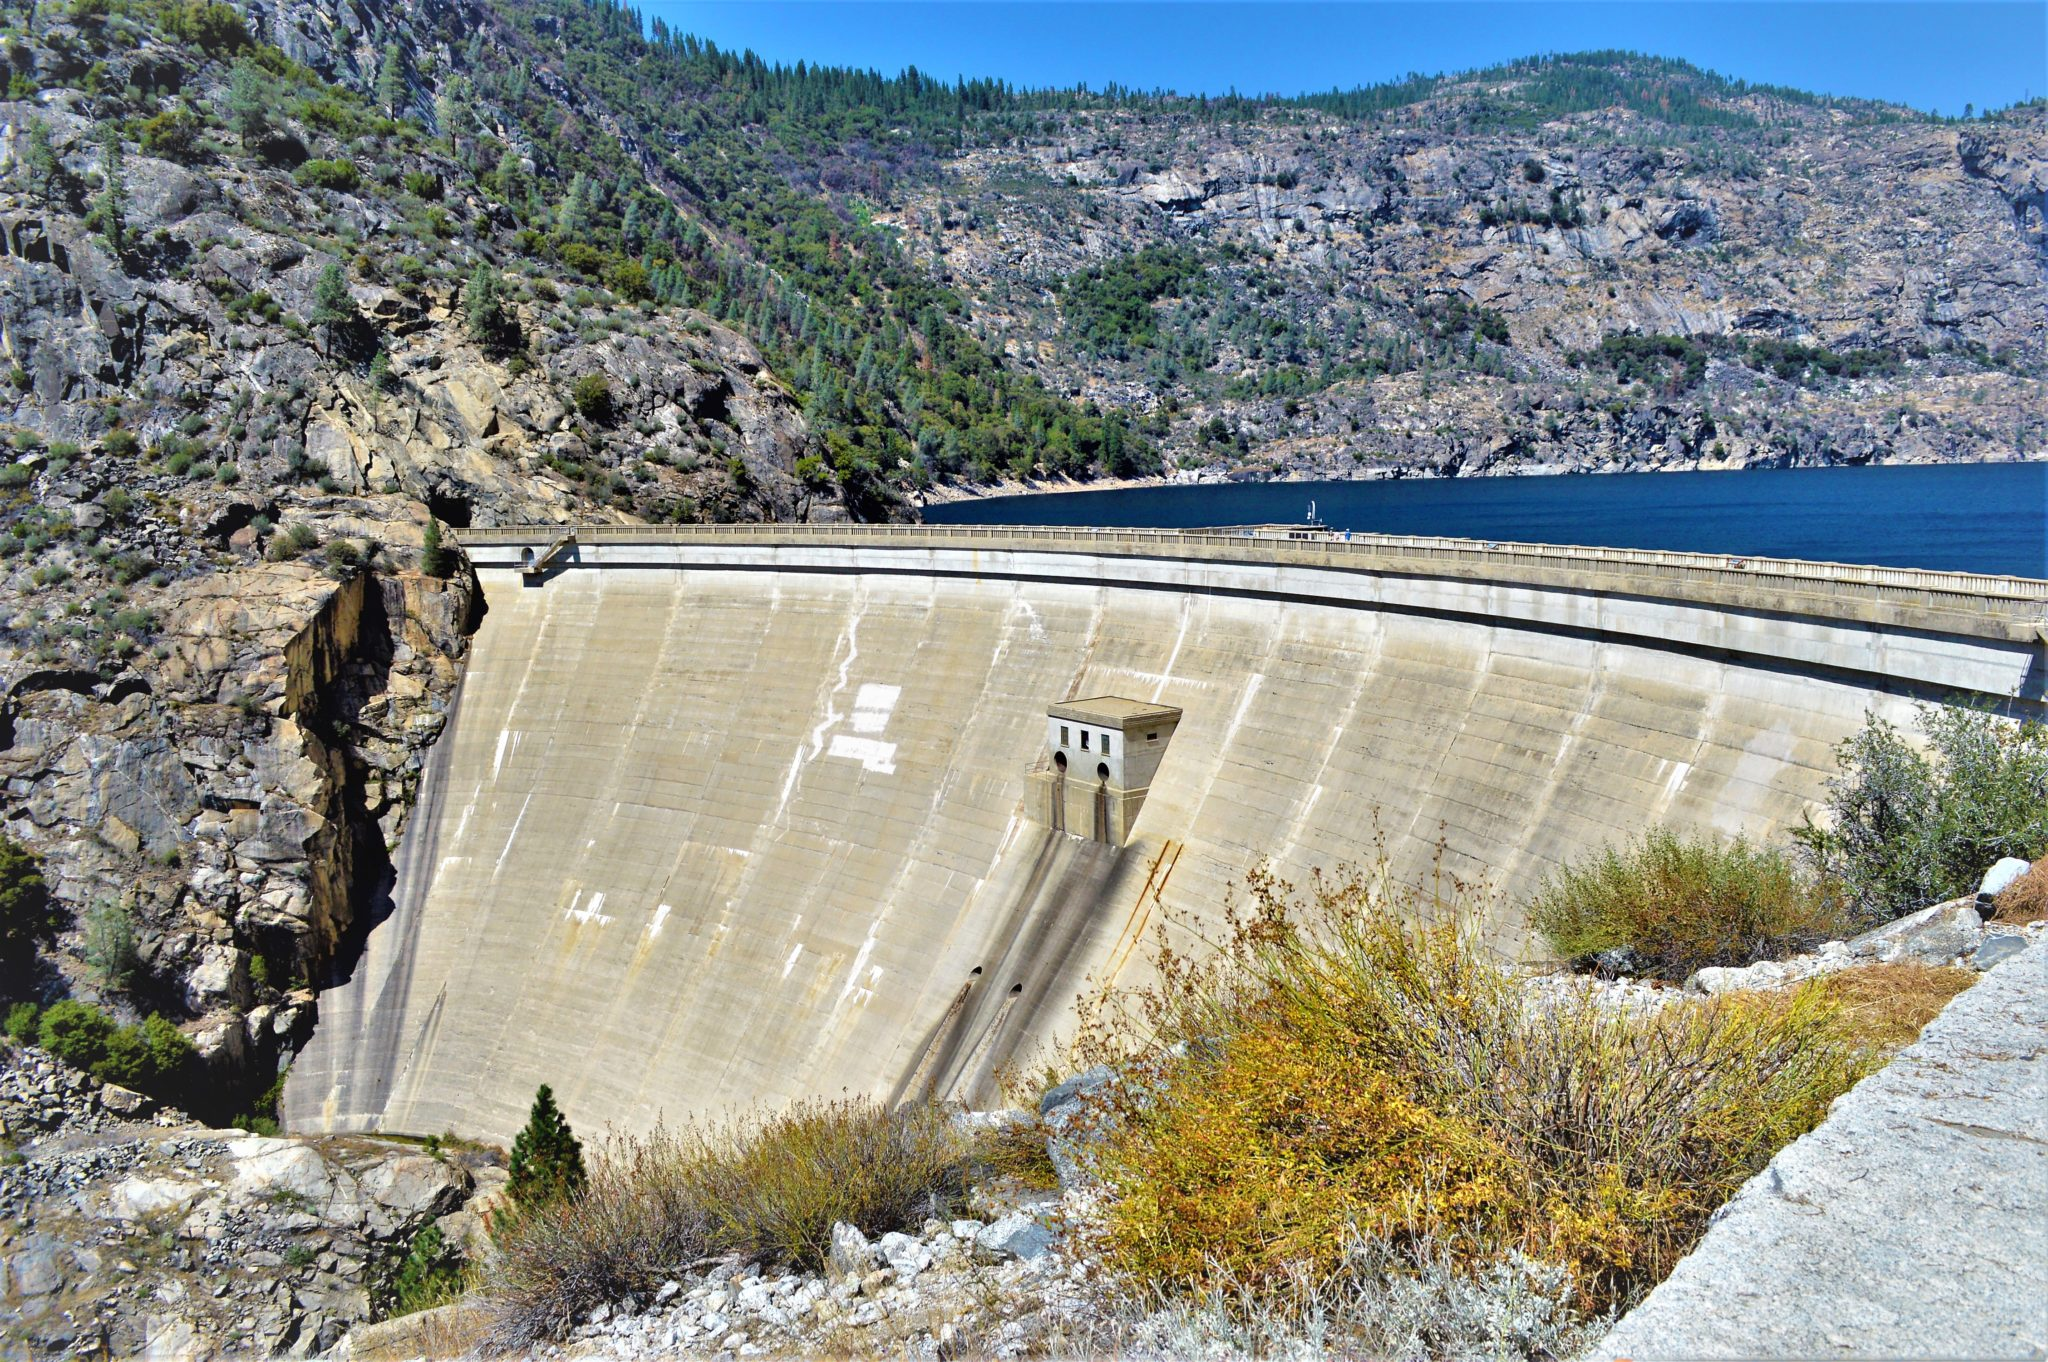 Close up Hetch Hetchy dam, California